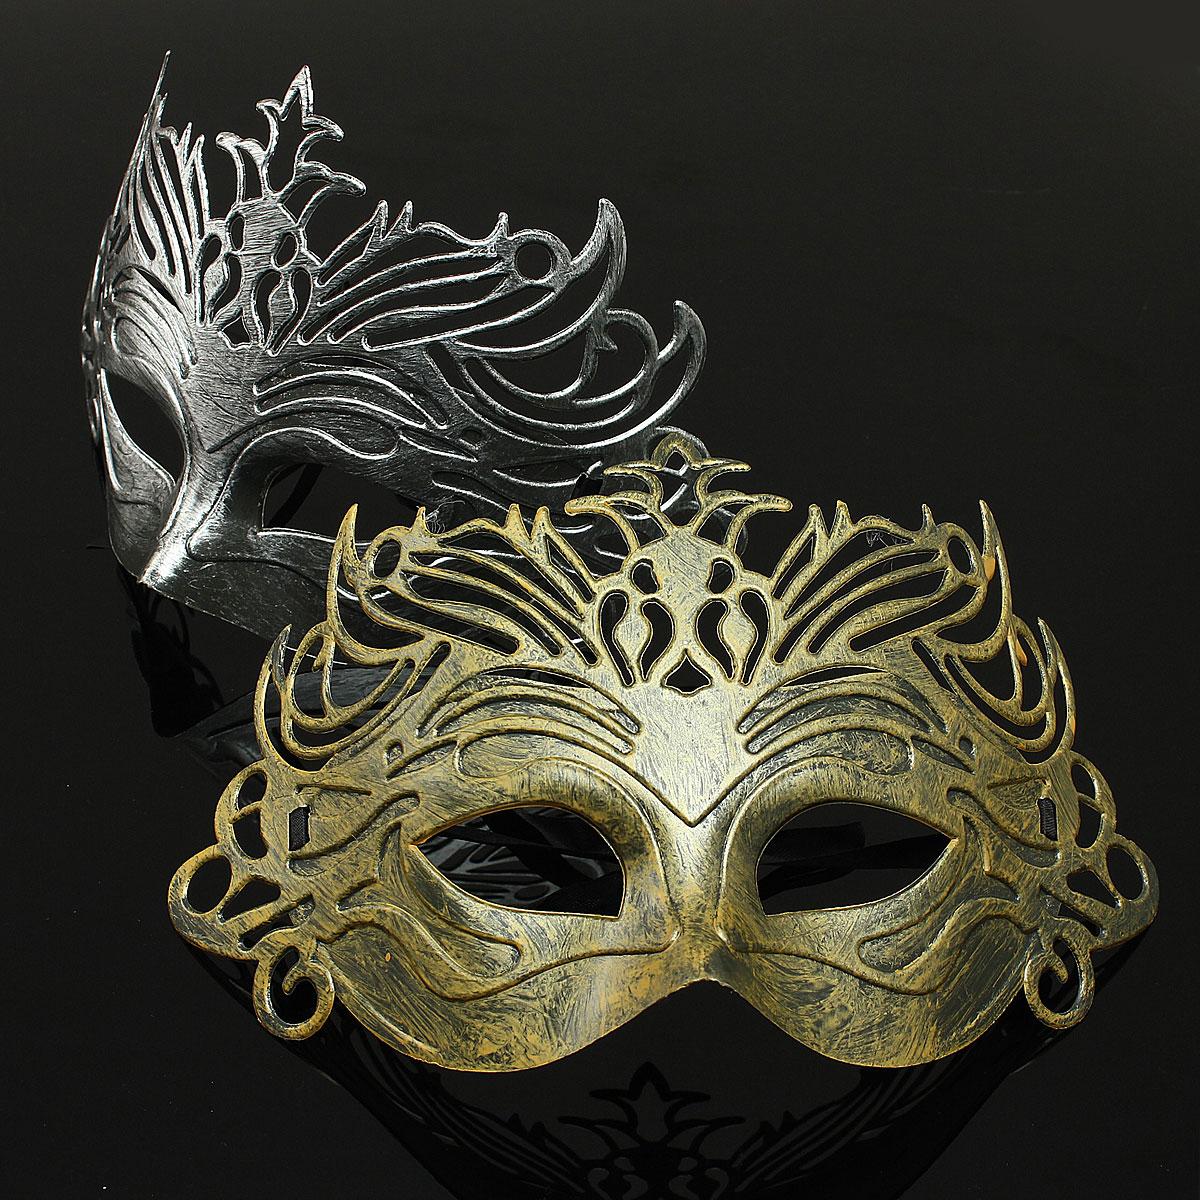 herren maske f r maskenball r mische party kost m gladiator augenmaske halbmaske ebay. Black Bedroom Furniture Sets. Home Design Ideas